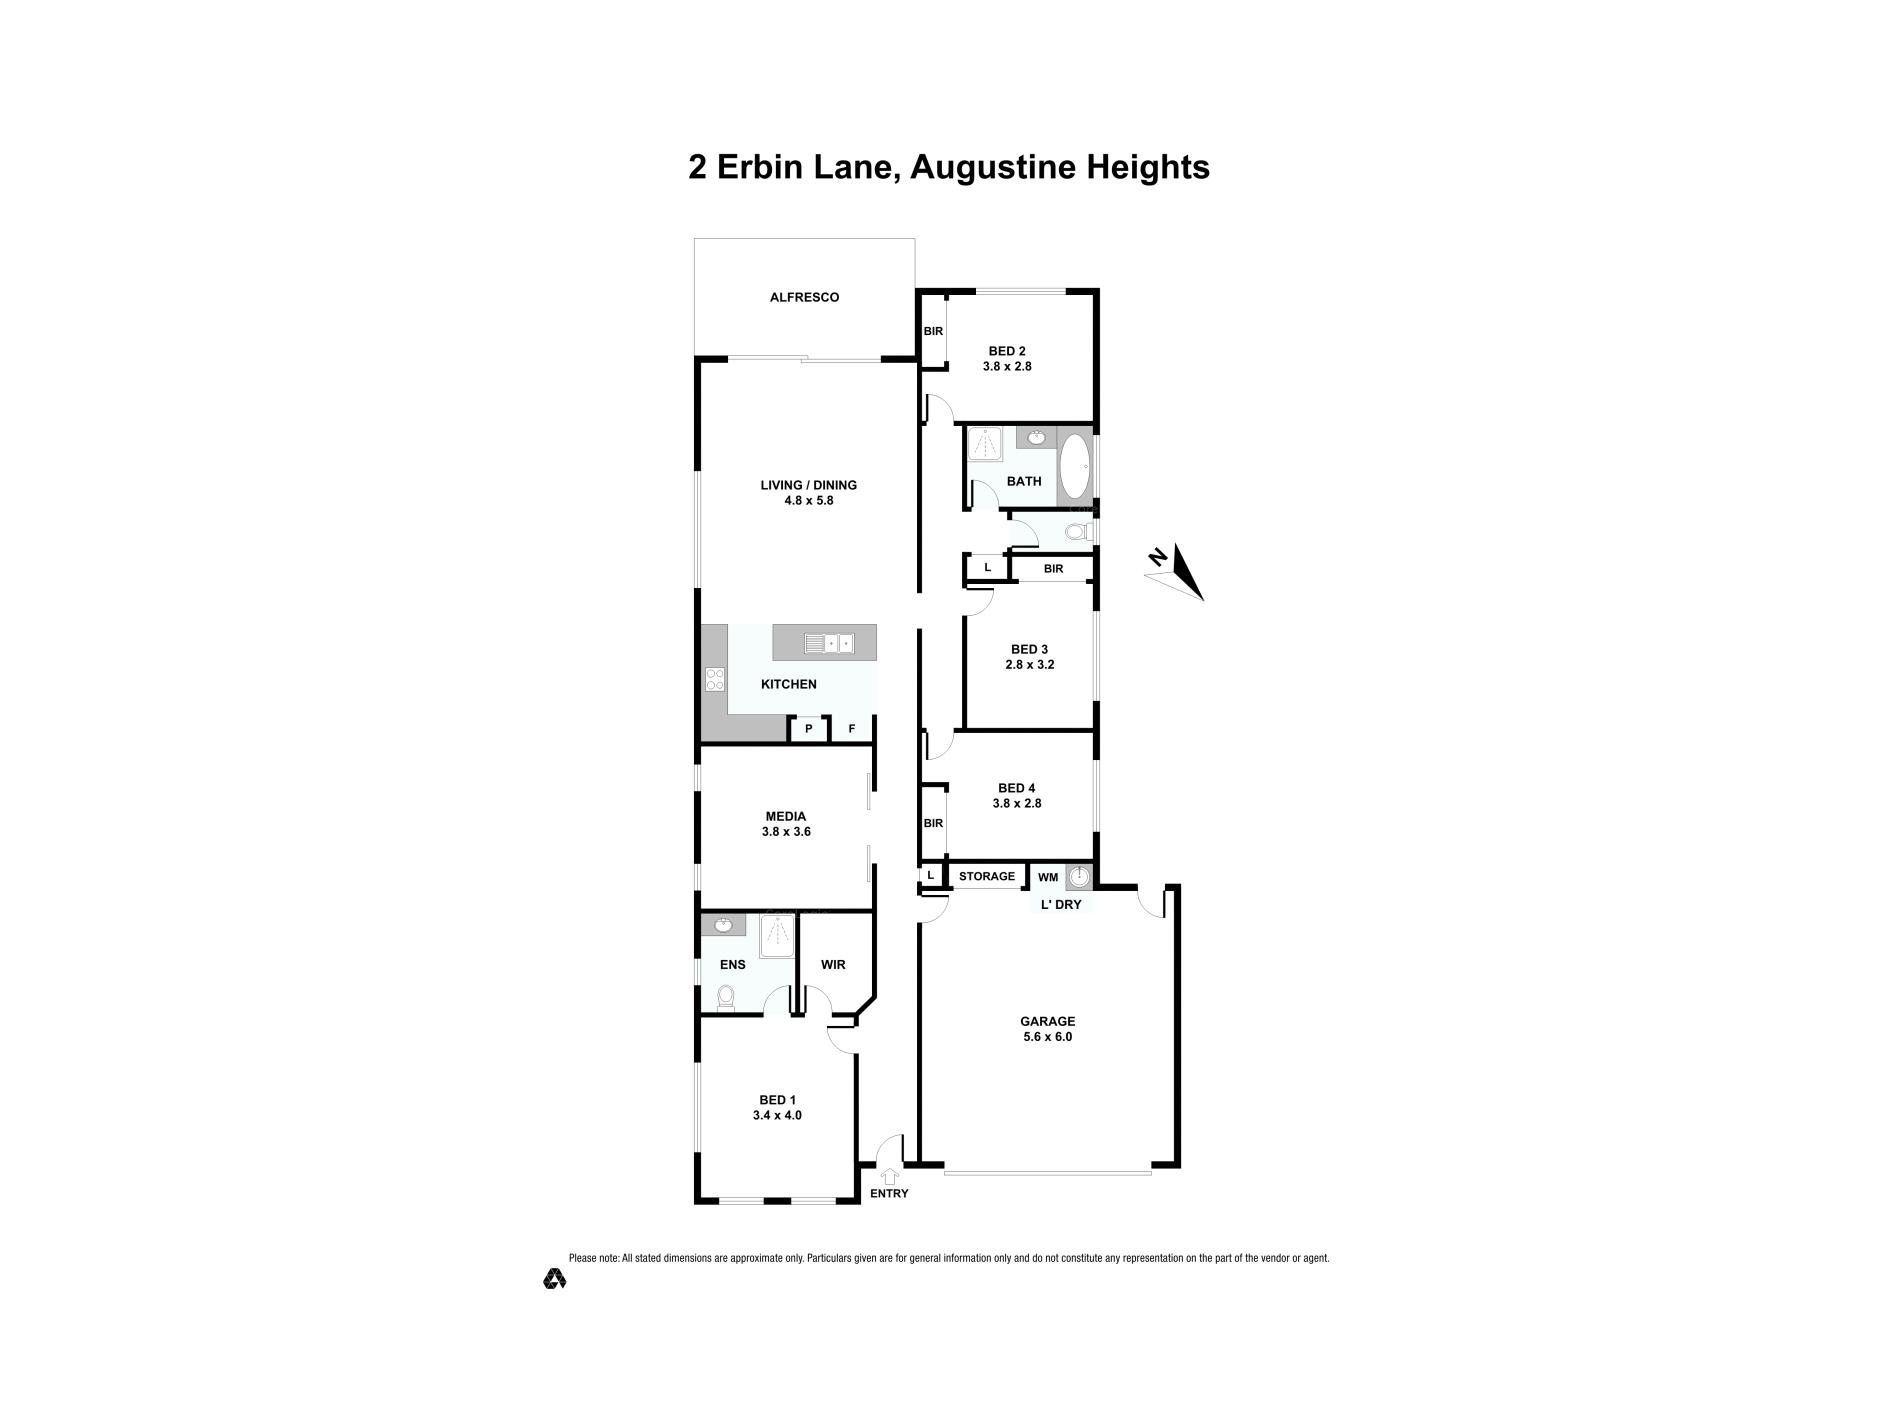 2 Erbin Lane, Augustine Heights